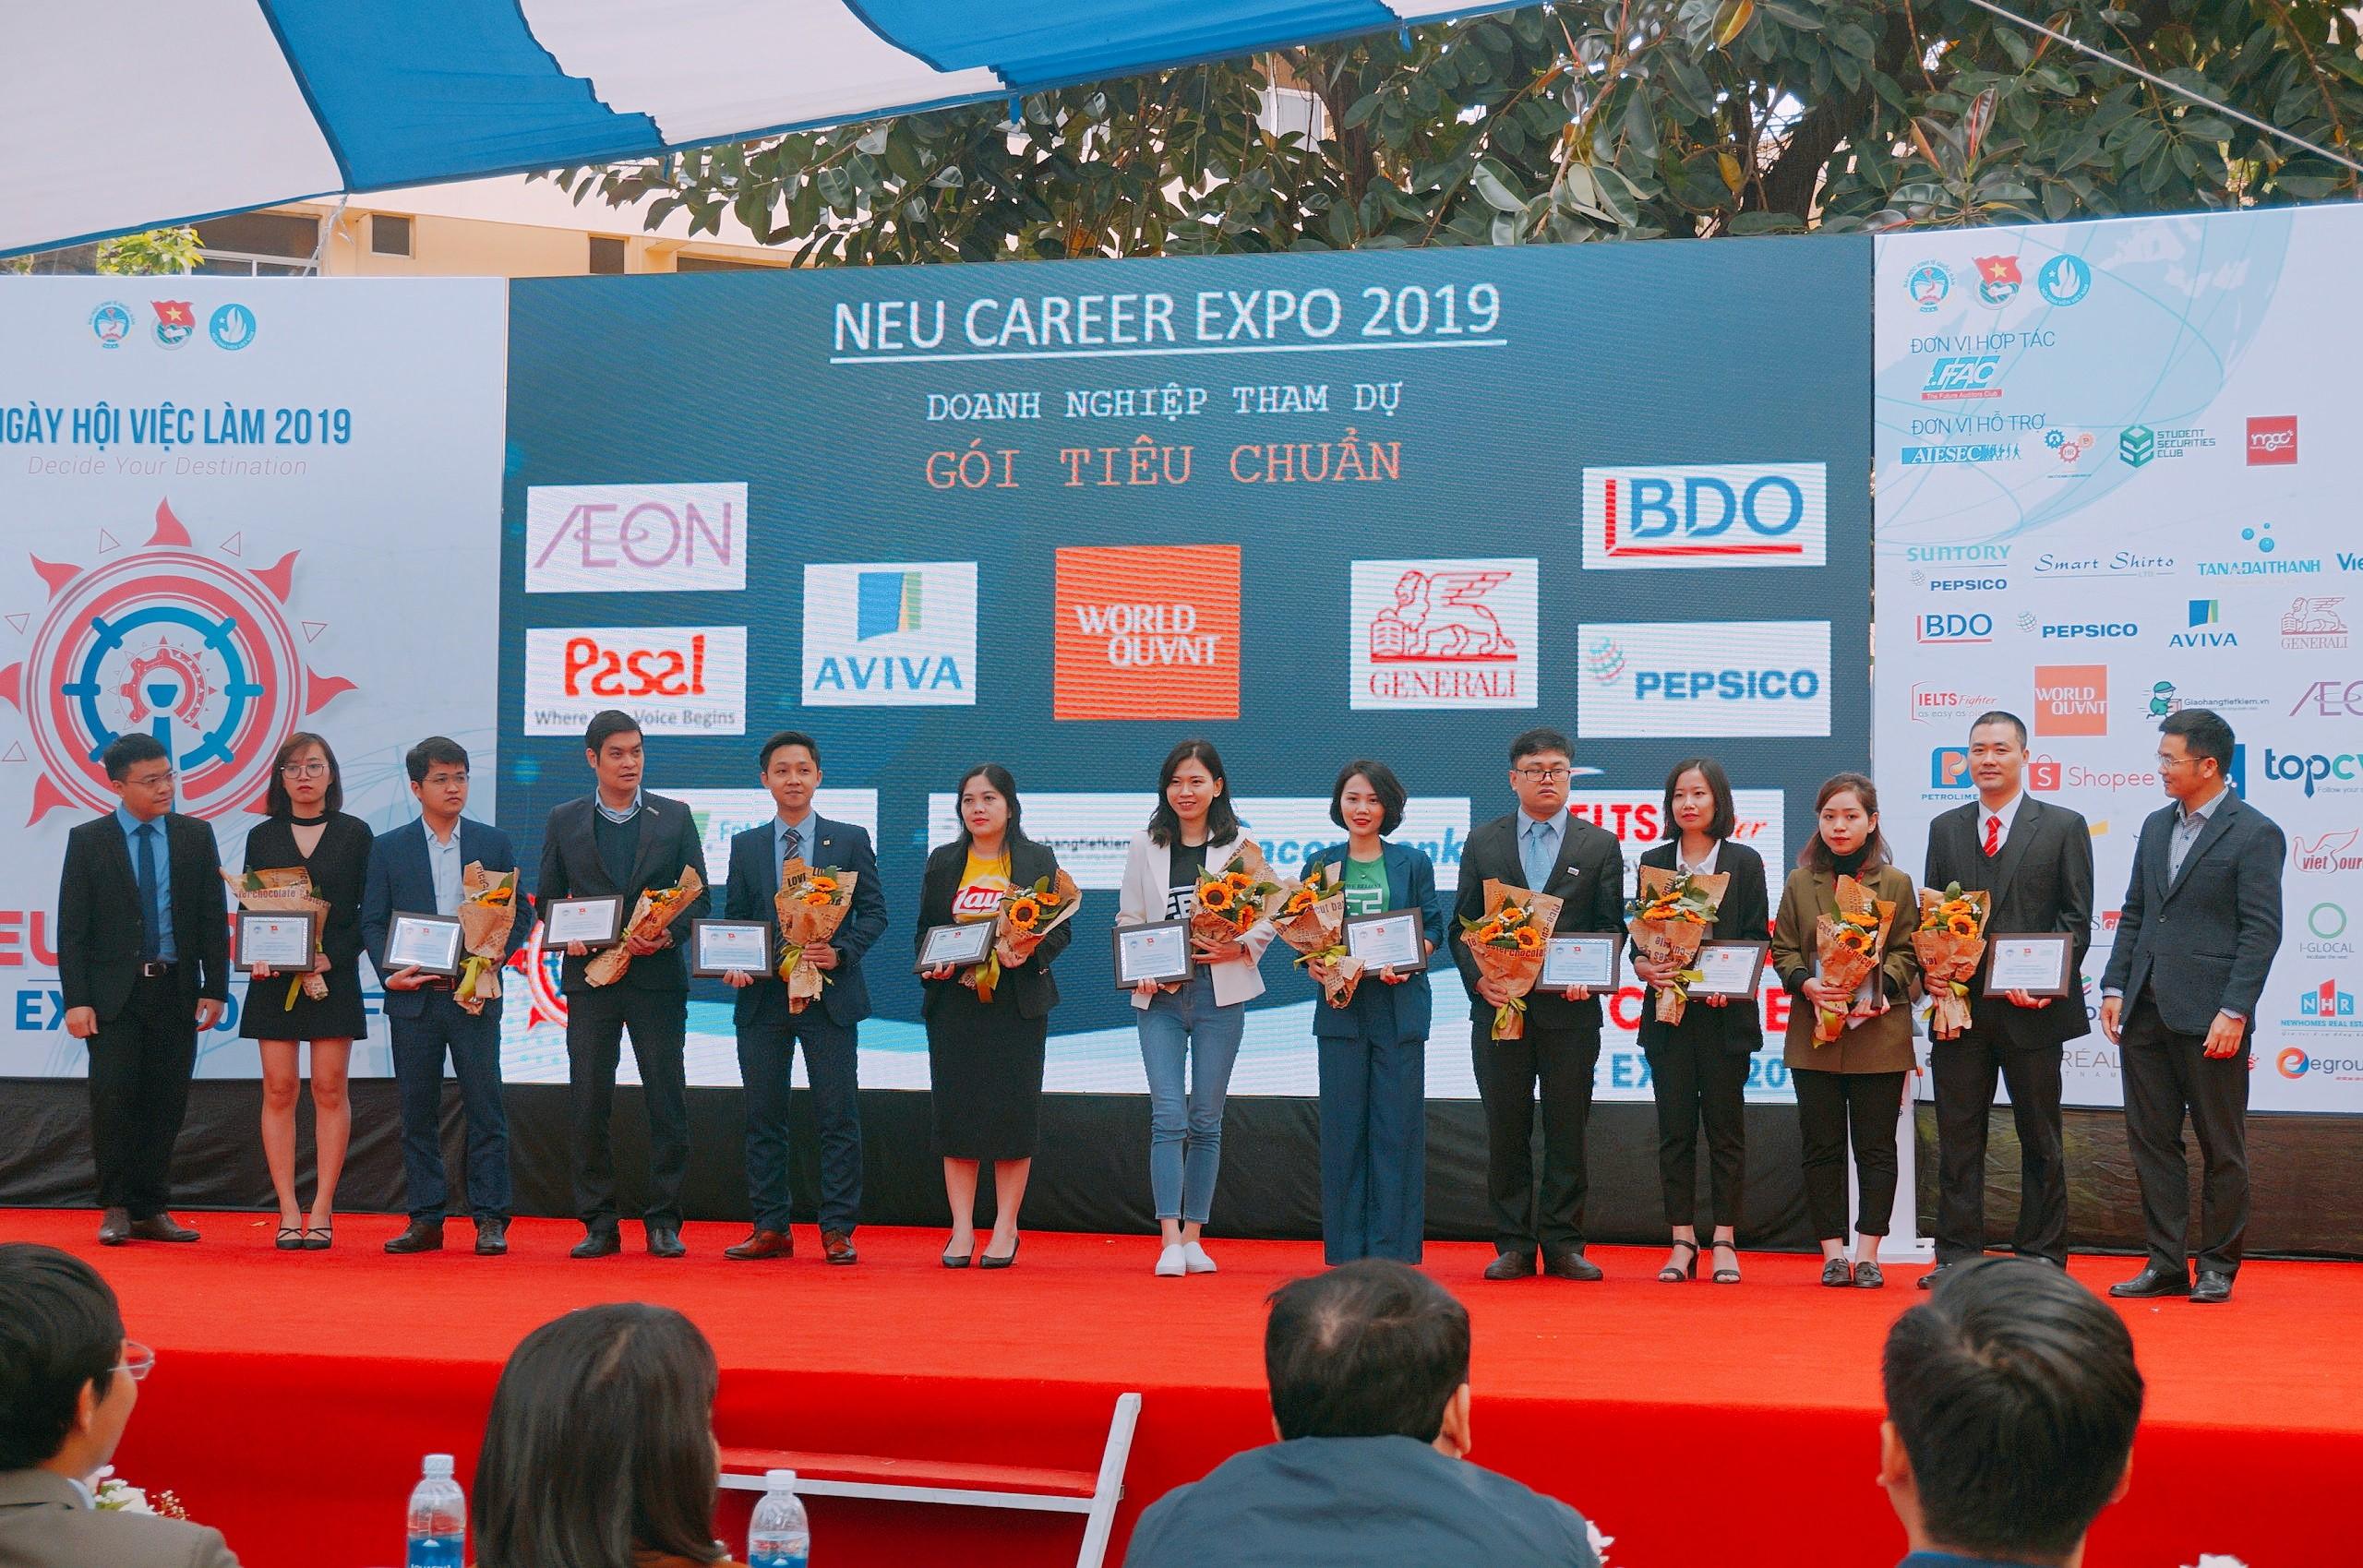 BDO tham dự ngày hội việc làm NEU Career Expo